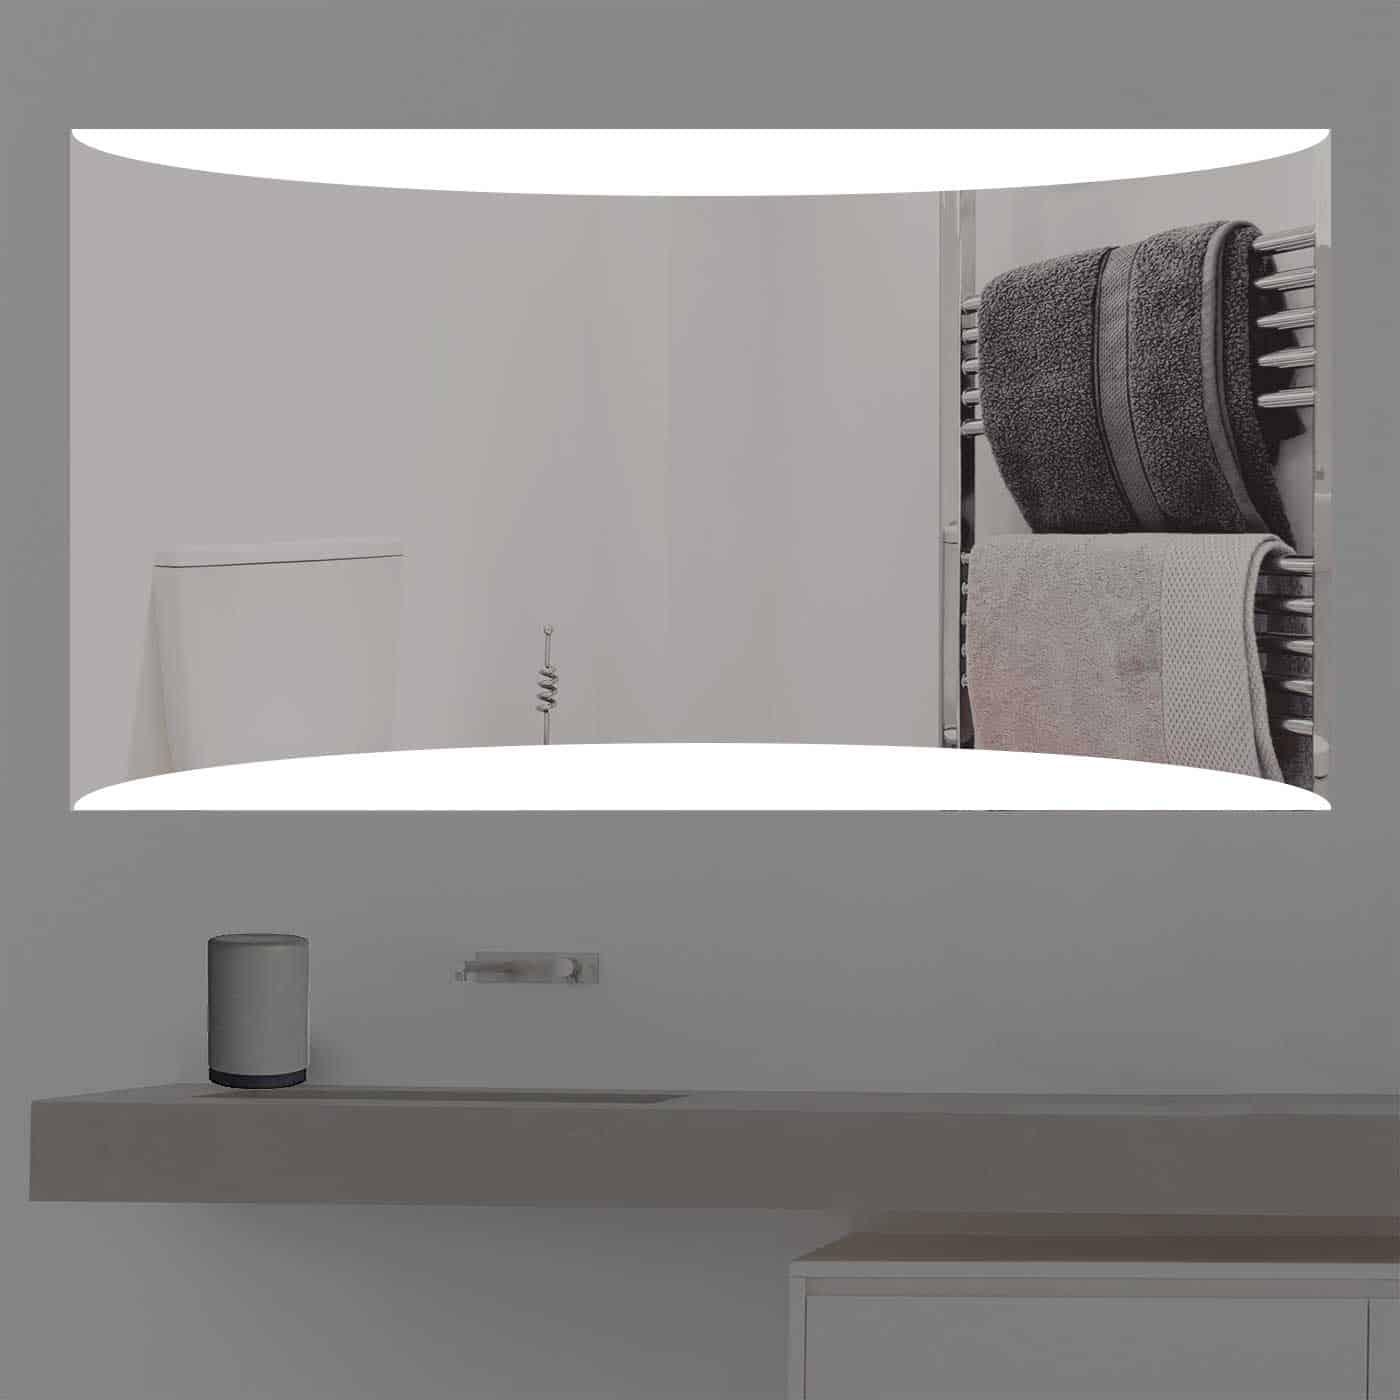 badspiegel k355 led beleuchtet nn badspiegel beleuchtet. Black Bedroom Furniture Sets. Home Design Ideas